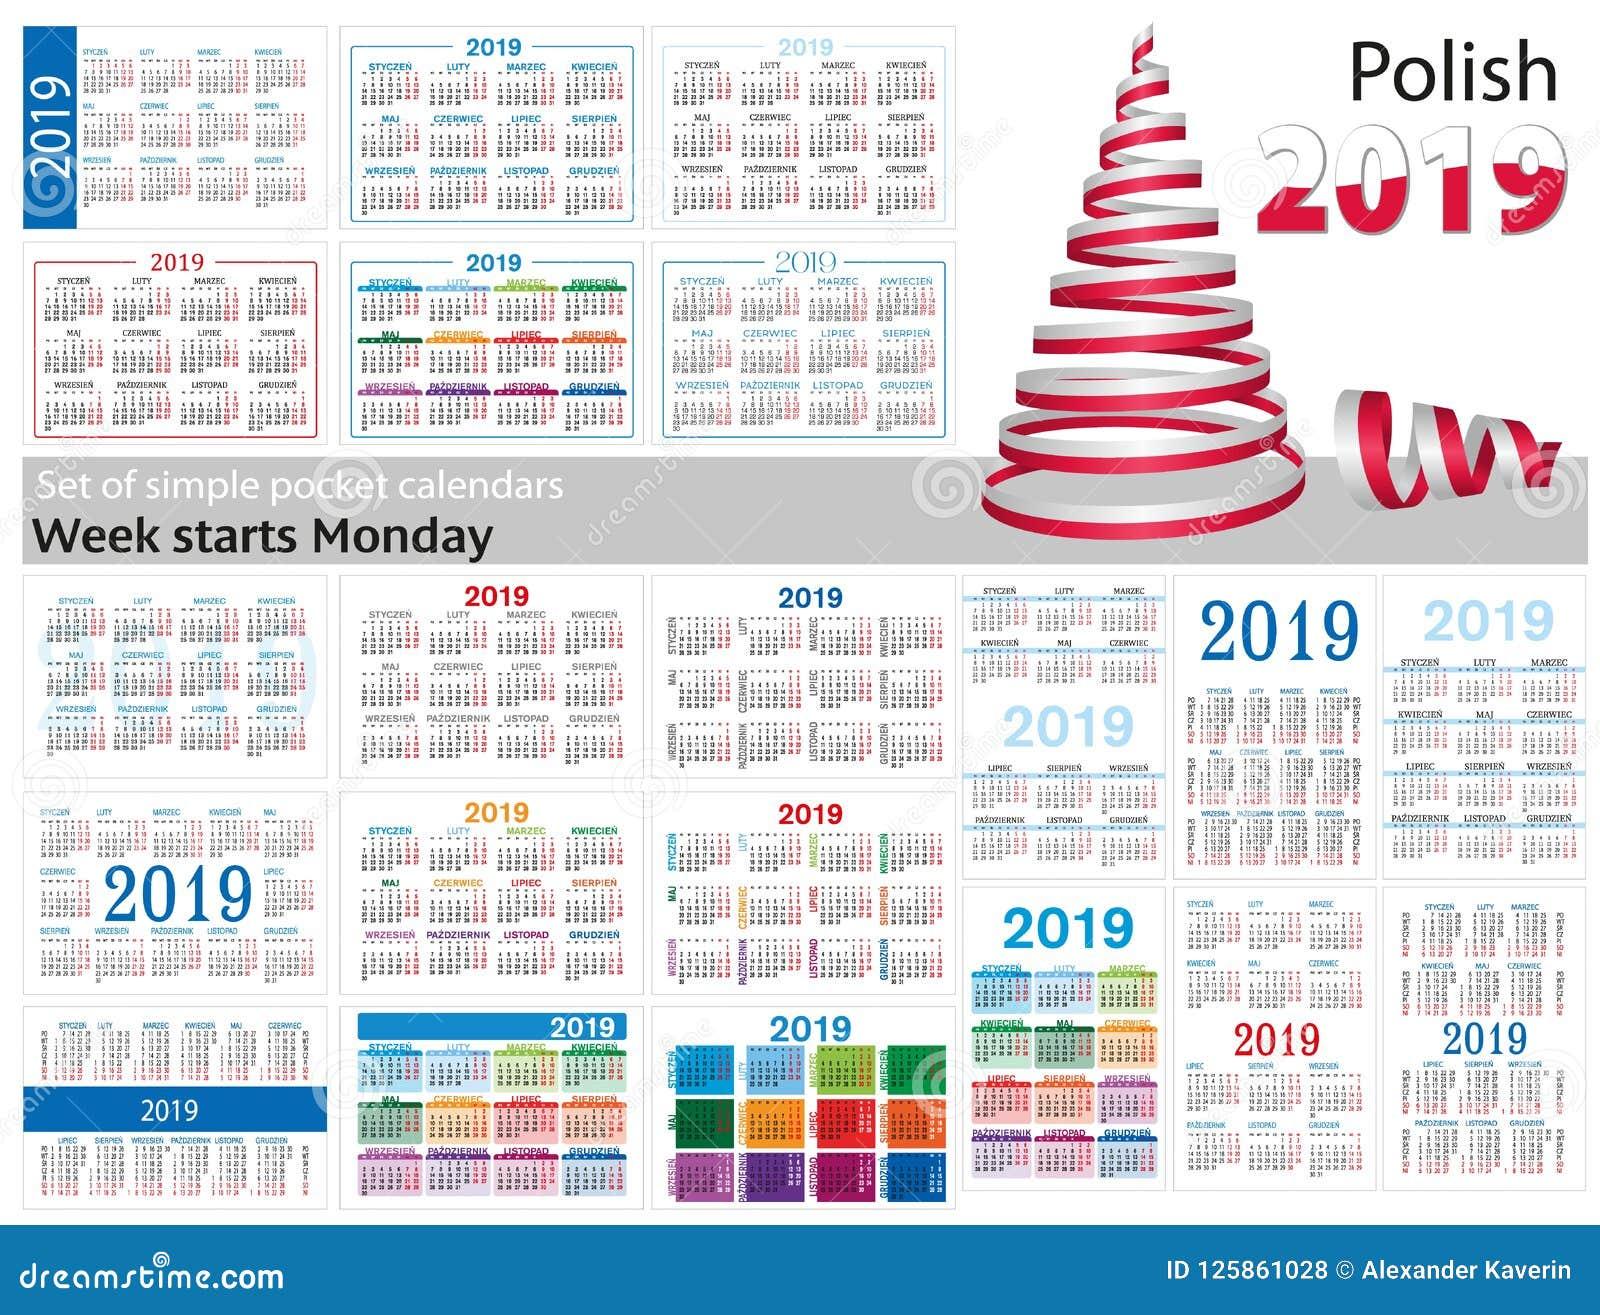 Grupo de calendários simples do bolso para 2019 dois mil dezenove A semana começa segunda-feira Tradução do polonês -